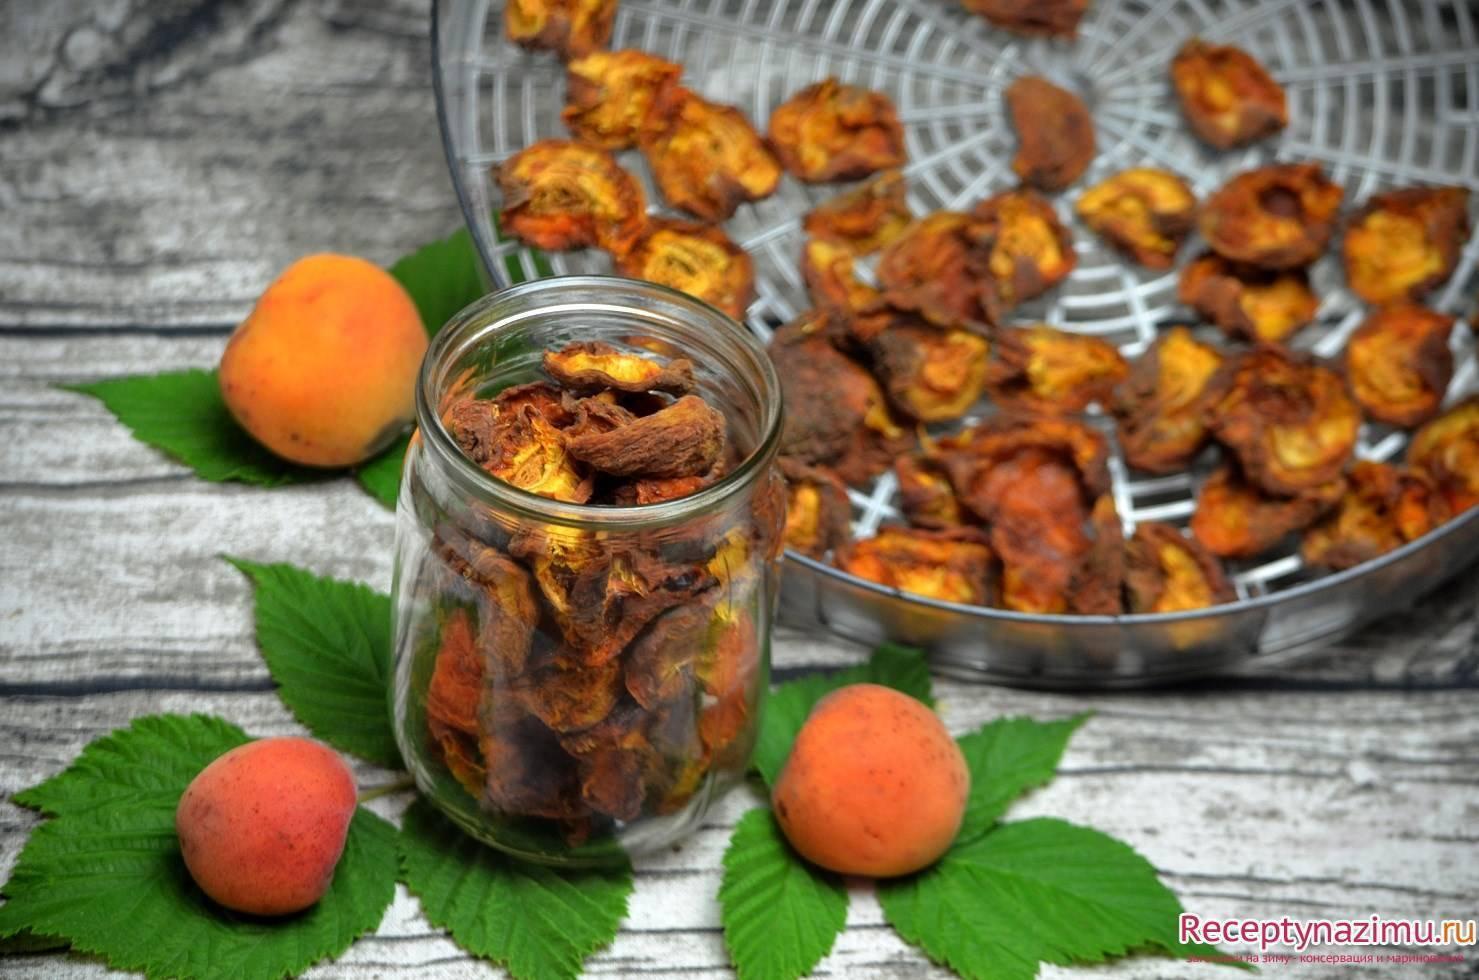 Пошаговый рецепт приготовления цукатов из абрикосов в домашних условиях